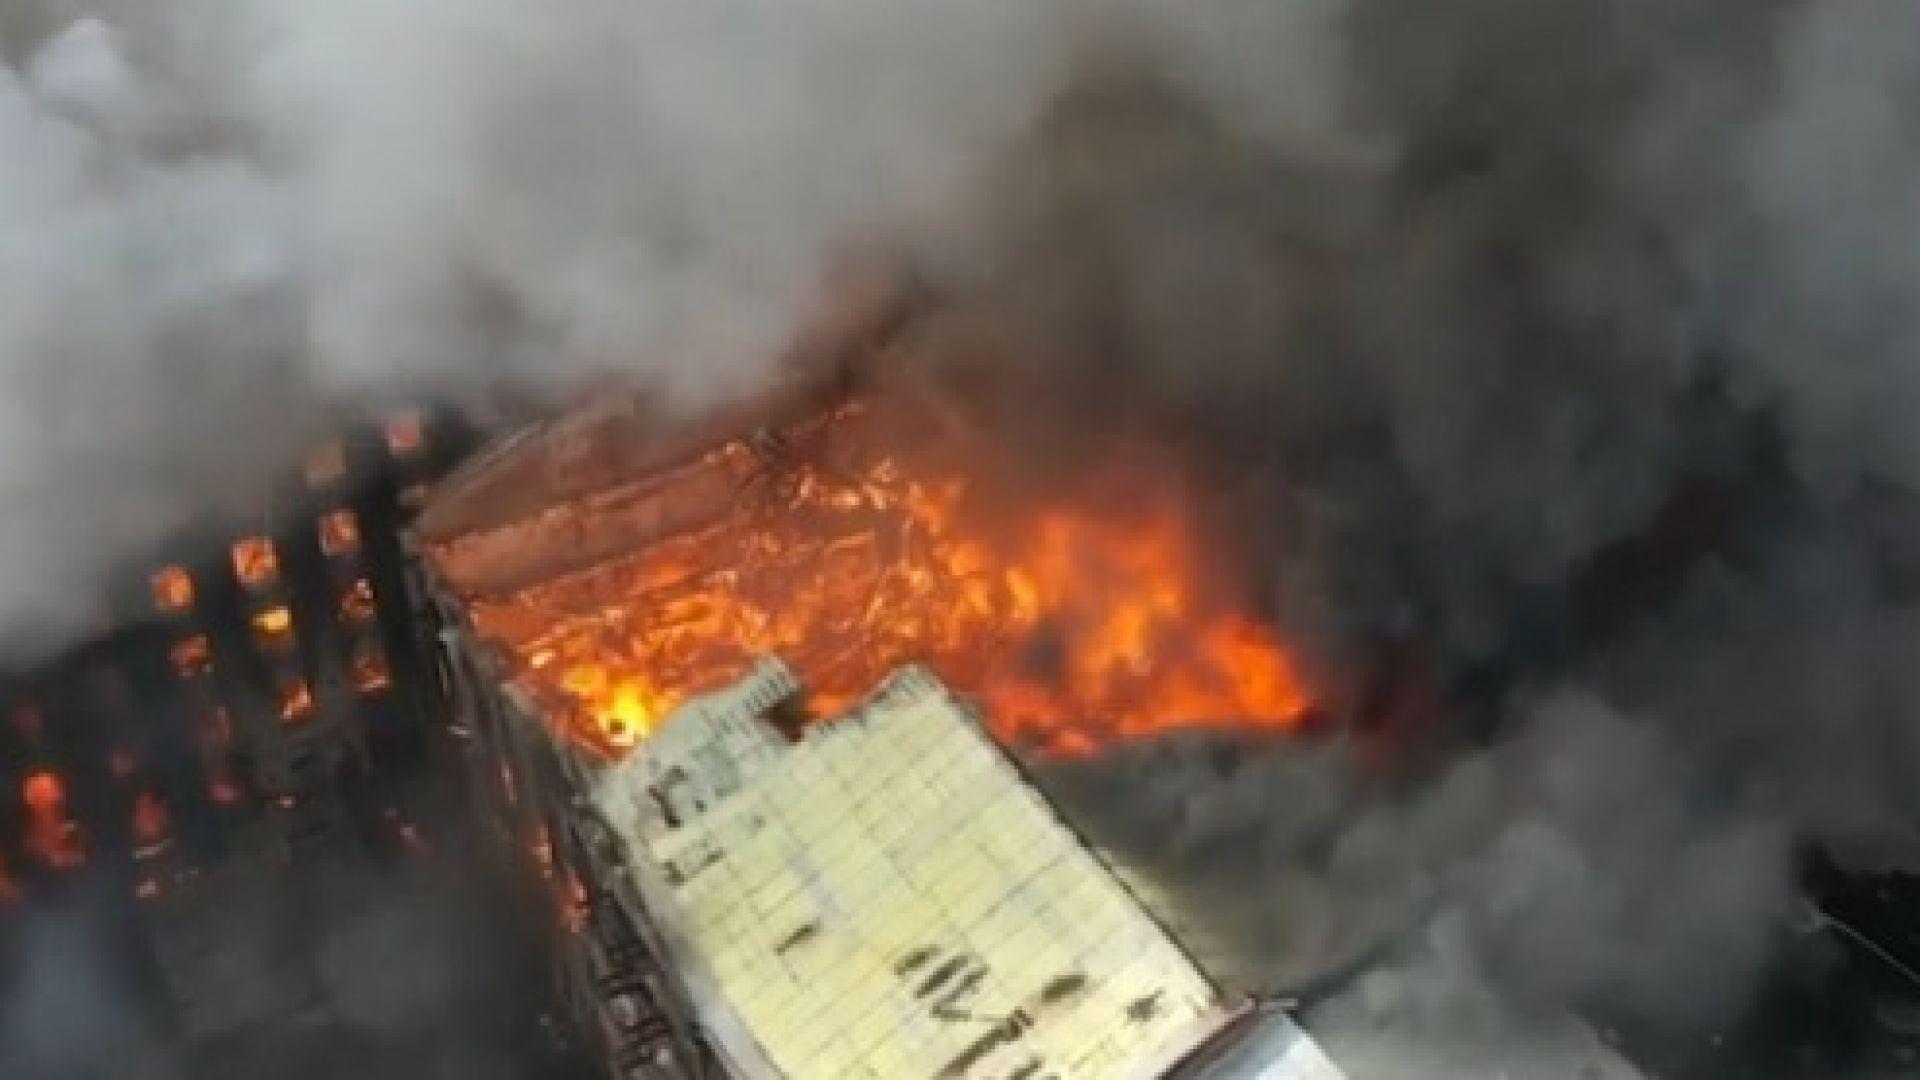 Пожар изпепелява историческа сграда в Санкт Петербург, има ранени и загинали (видео)